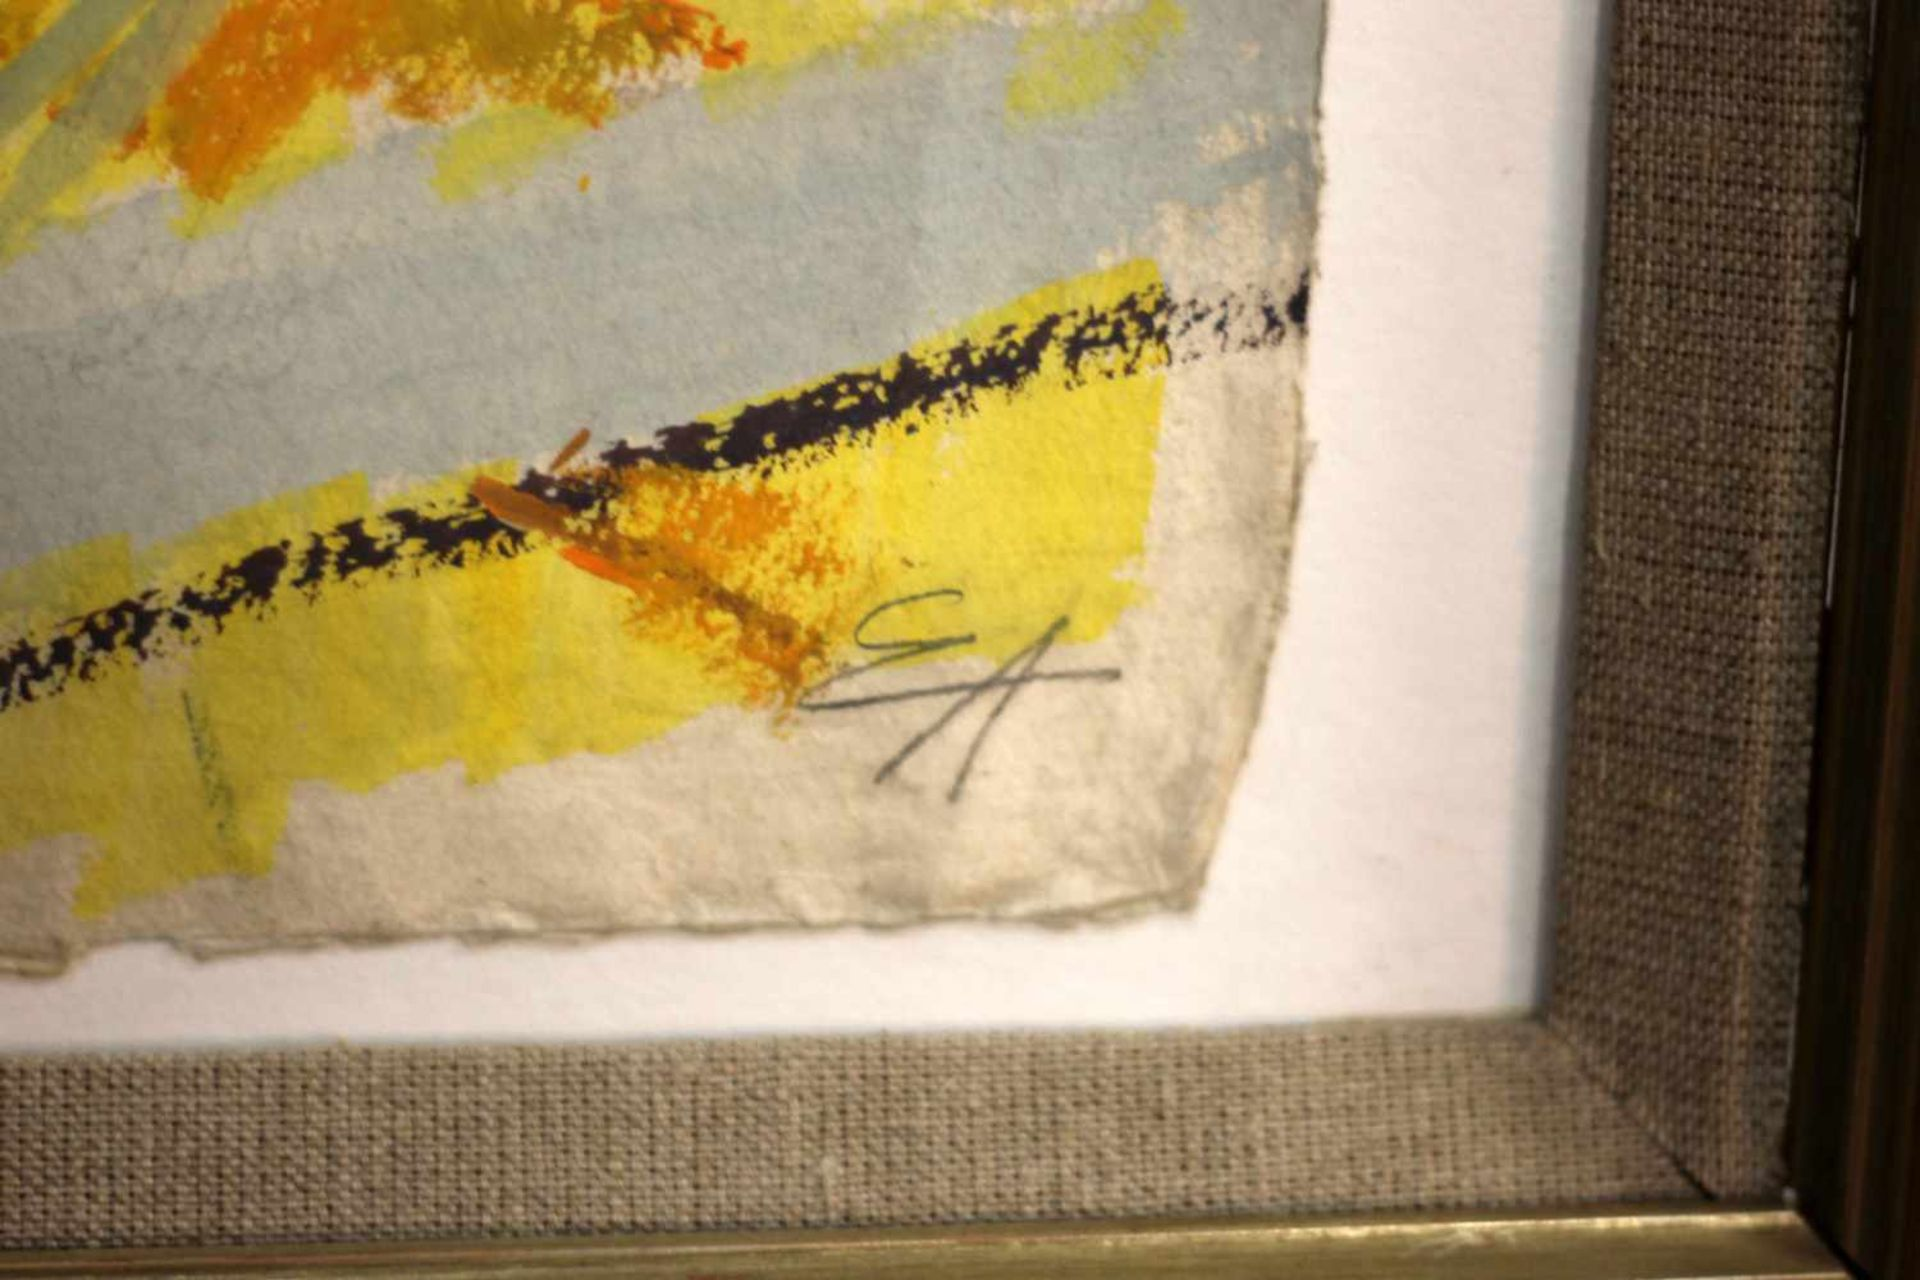 """""""Pferd an der Heutraufe"""" - Eduard Aigner (1903-1978)Aquarell auf dickem Papier, unten rechts - Bild 3 aus 3"""